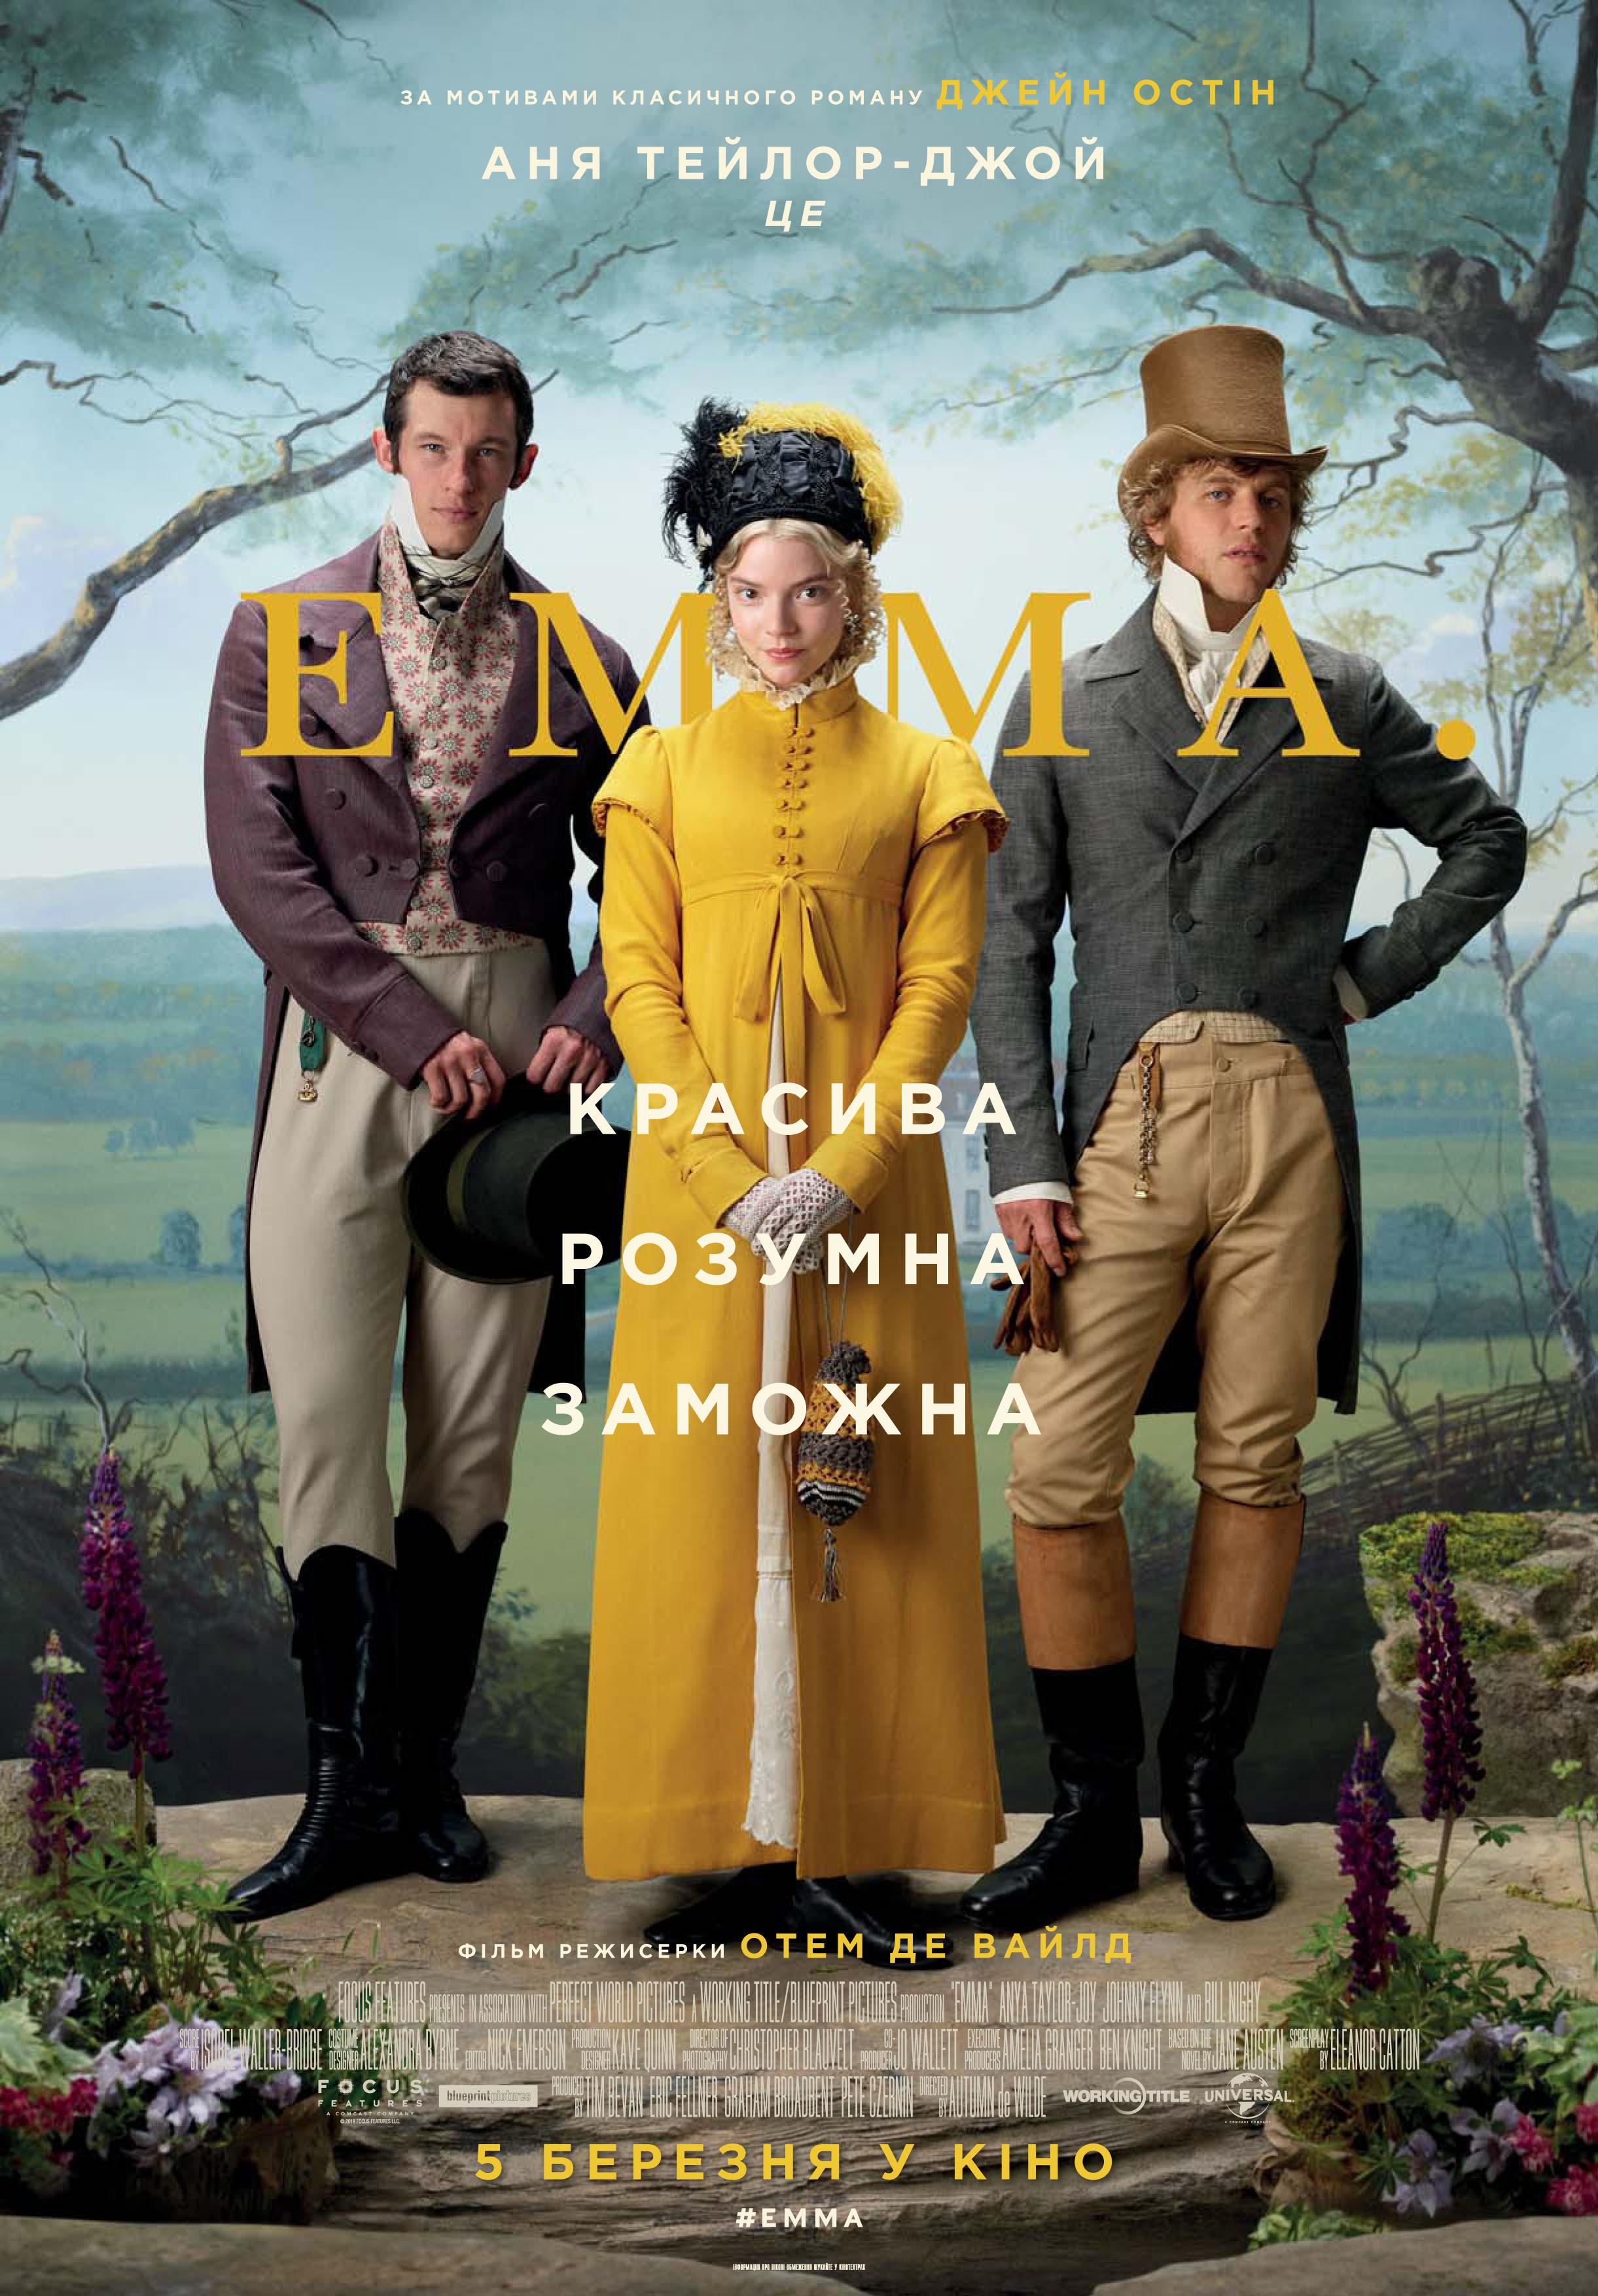 Эмма фильм постер 2020